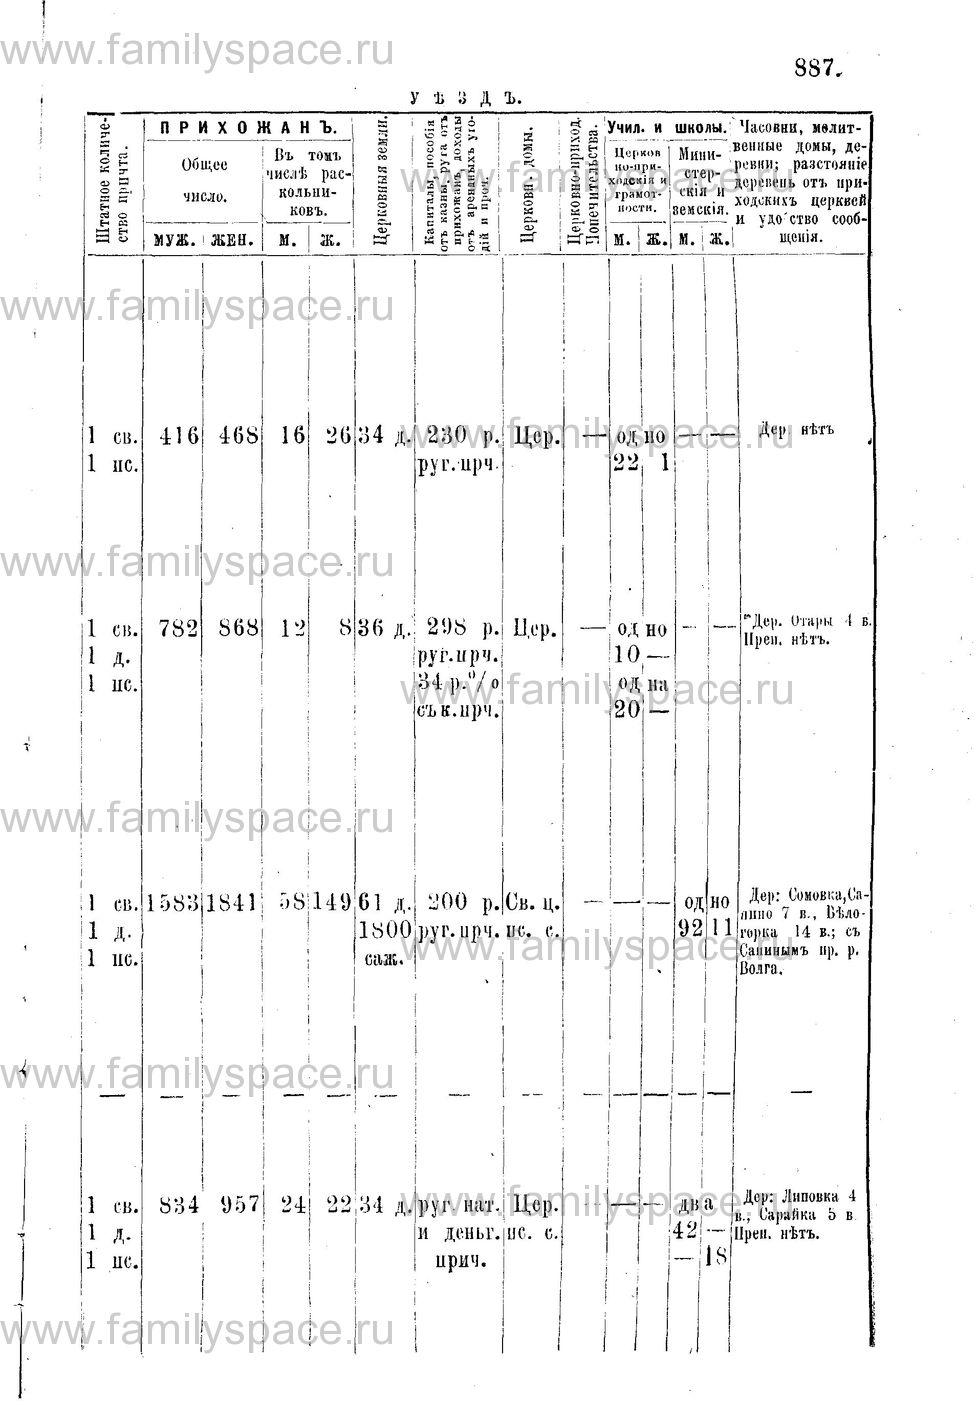 Поиск по фамилии - Адрес-календарь Нижегородской епархии на 1888 год, страница 1887